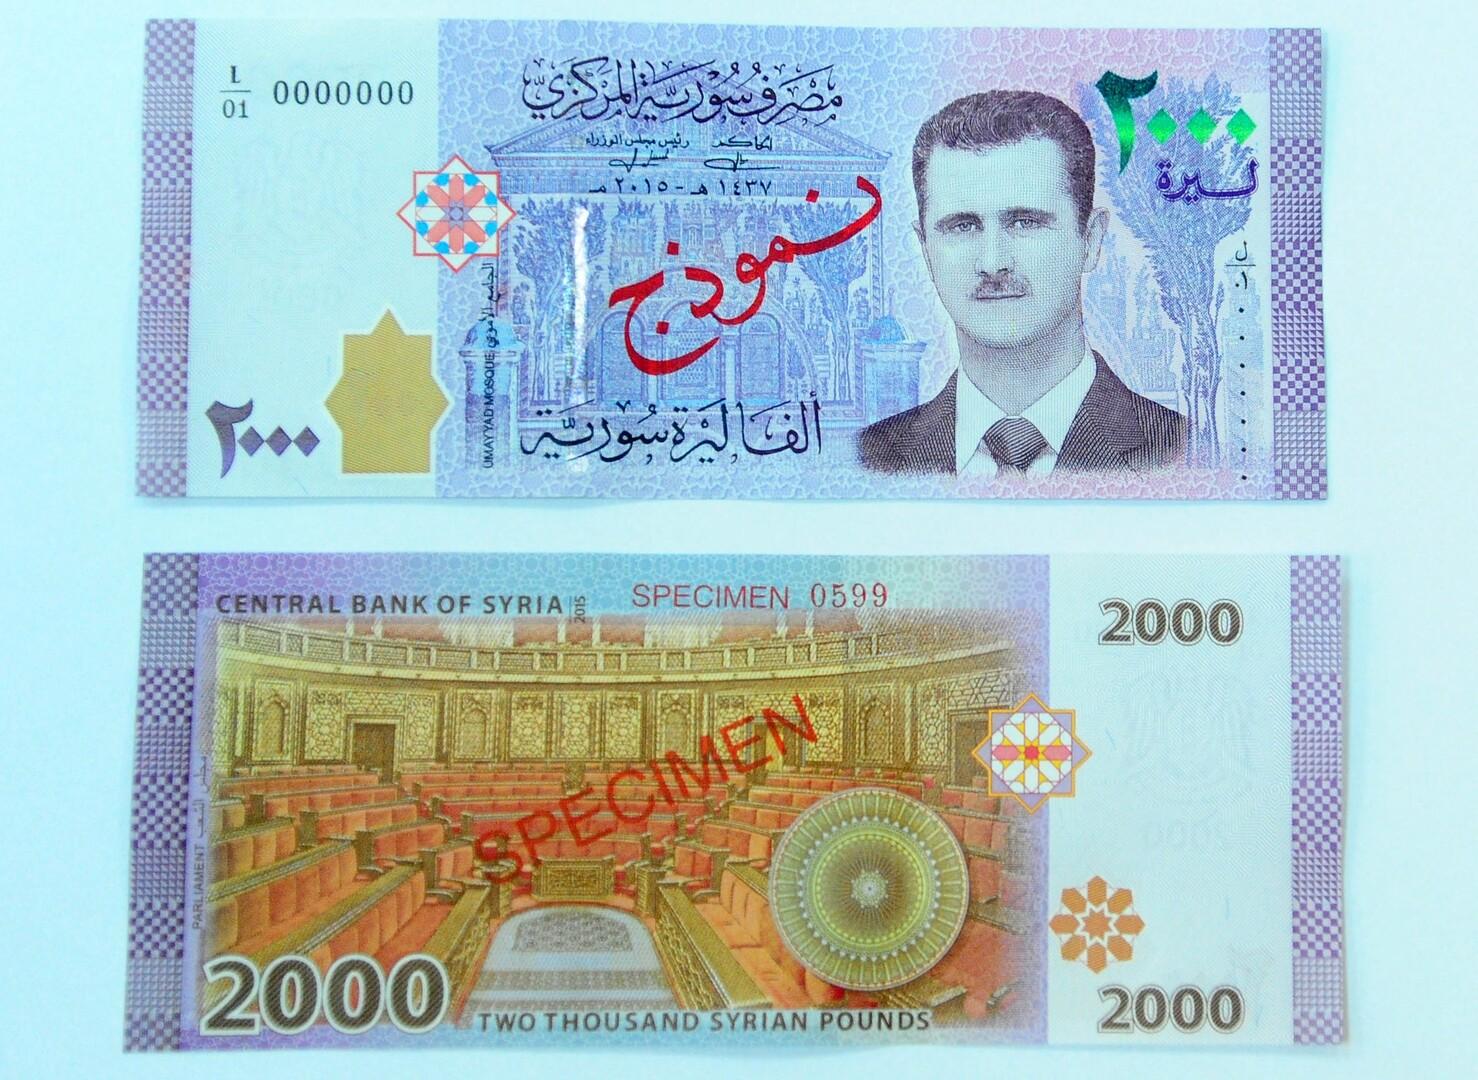 الليرة السورية تتحسن أمام الدولار.. ومتعاملون يتحدثون عن خسائر فادحة